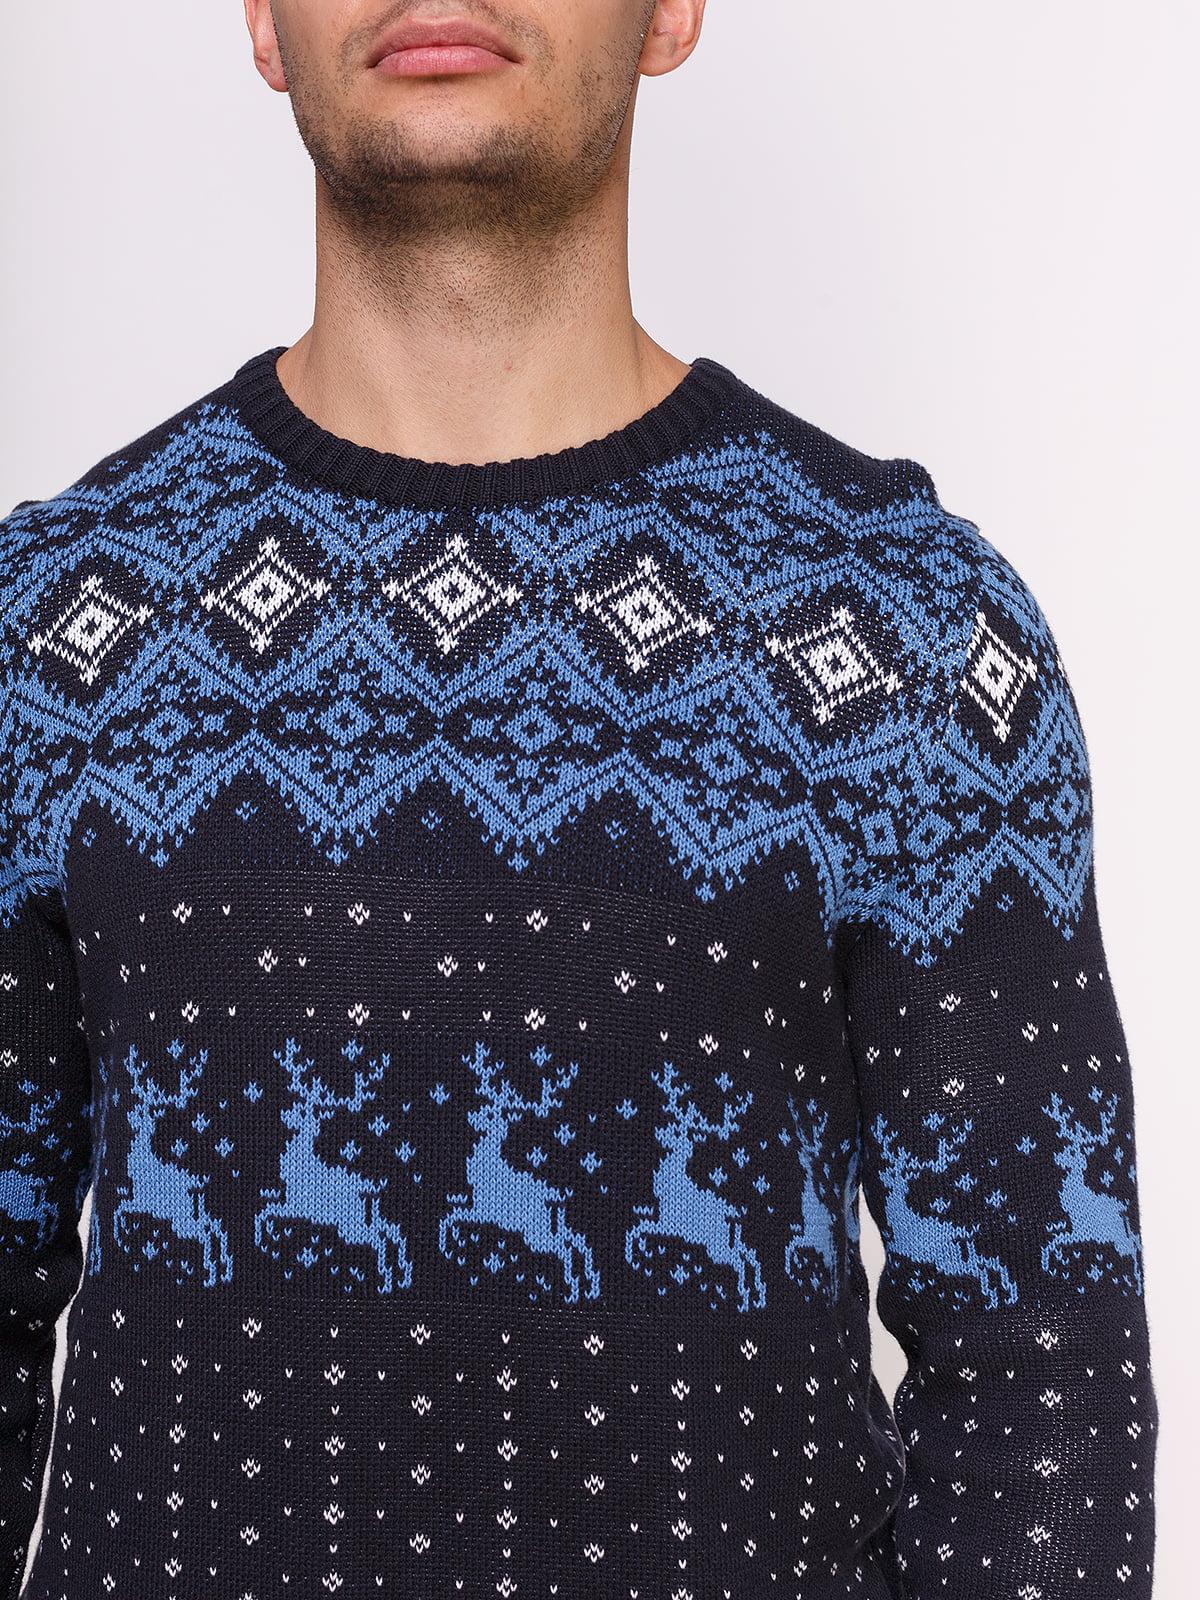 Джемпер темно-синій в принт | 4495556 | фото 4